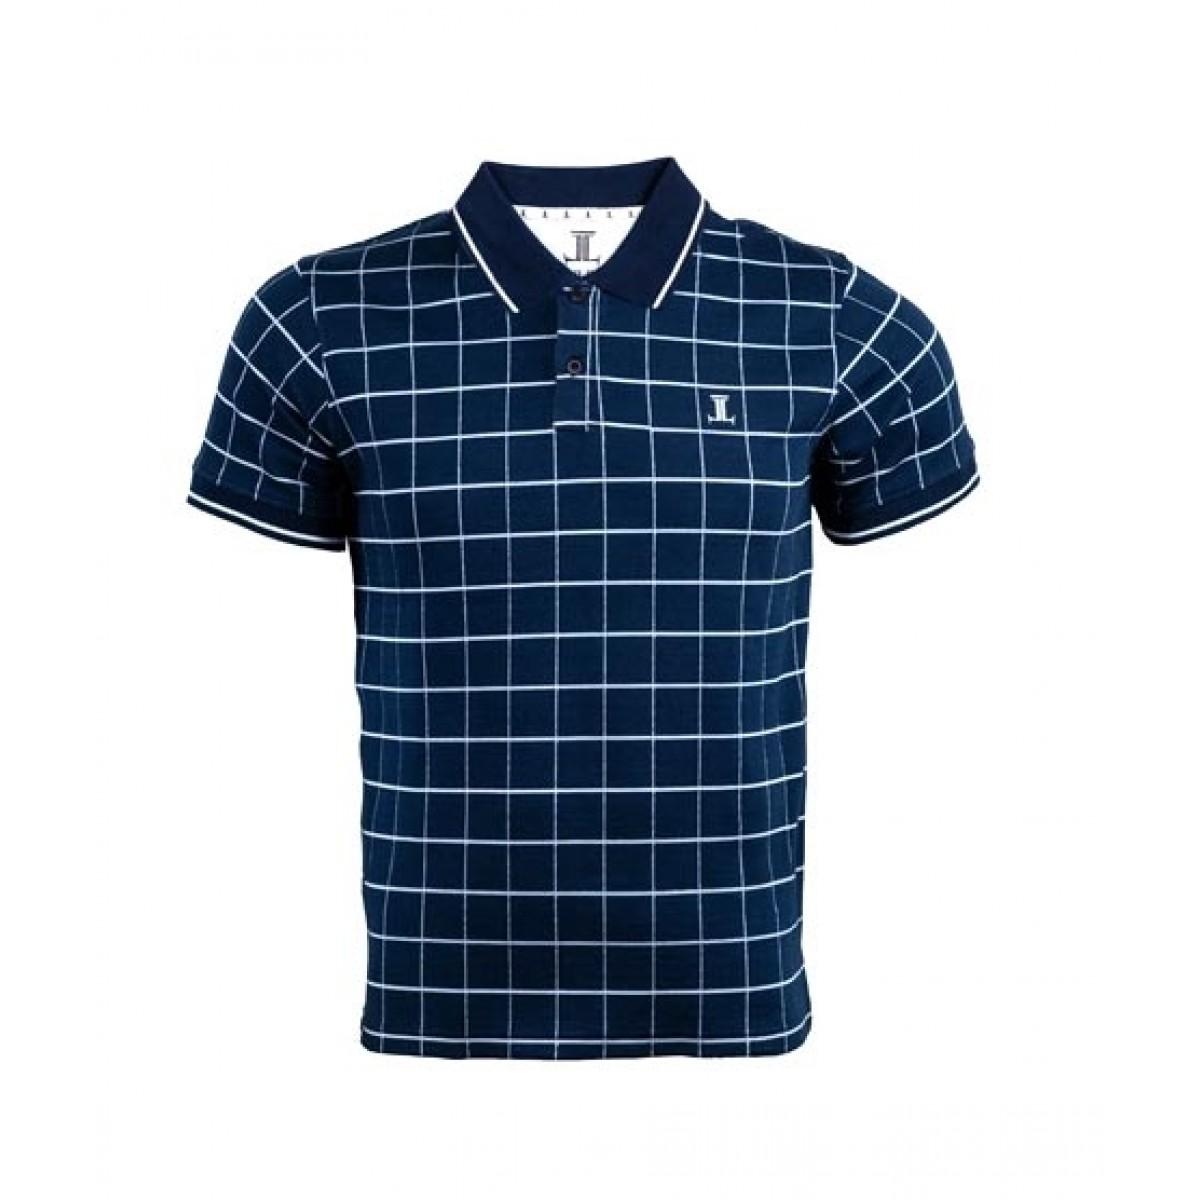 Julke Simon Polo Shirt For Men Navy Blue